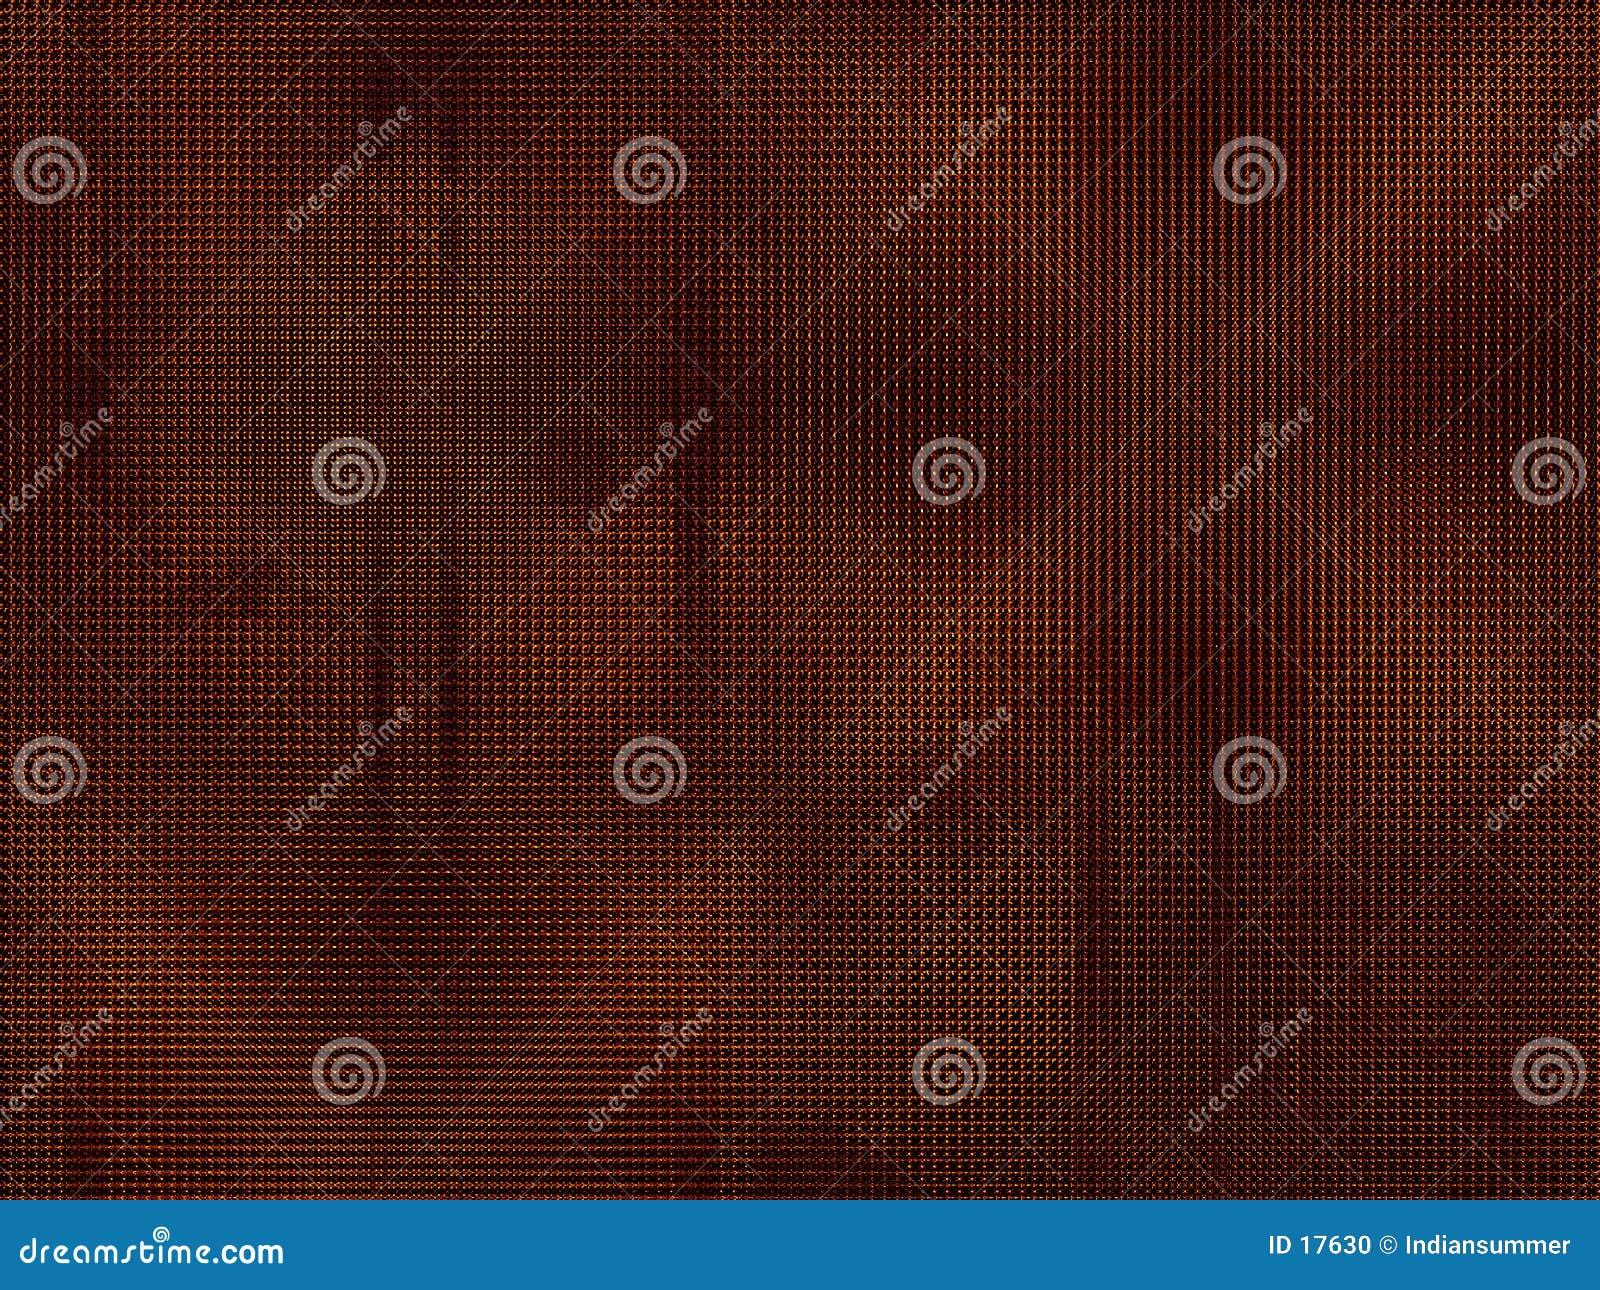 Textura punteada fondo abstracto, versión oscura